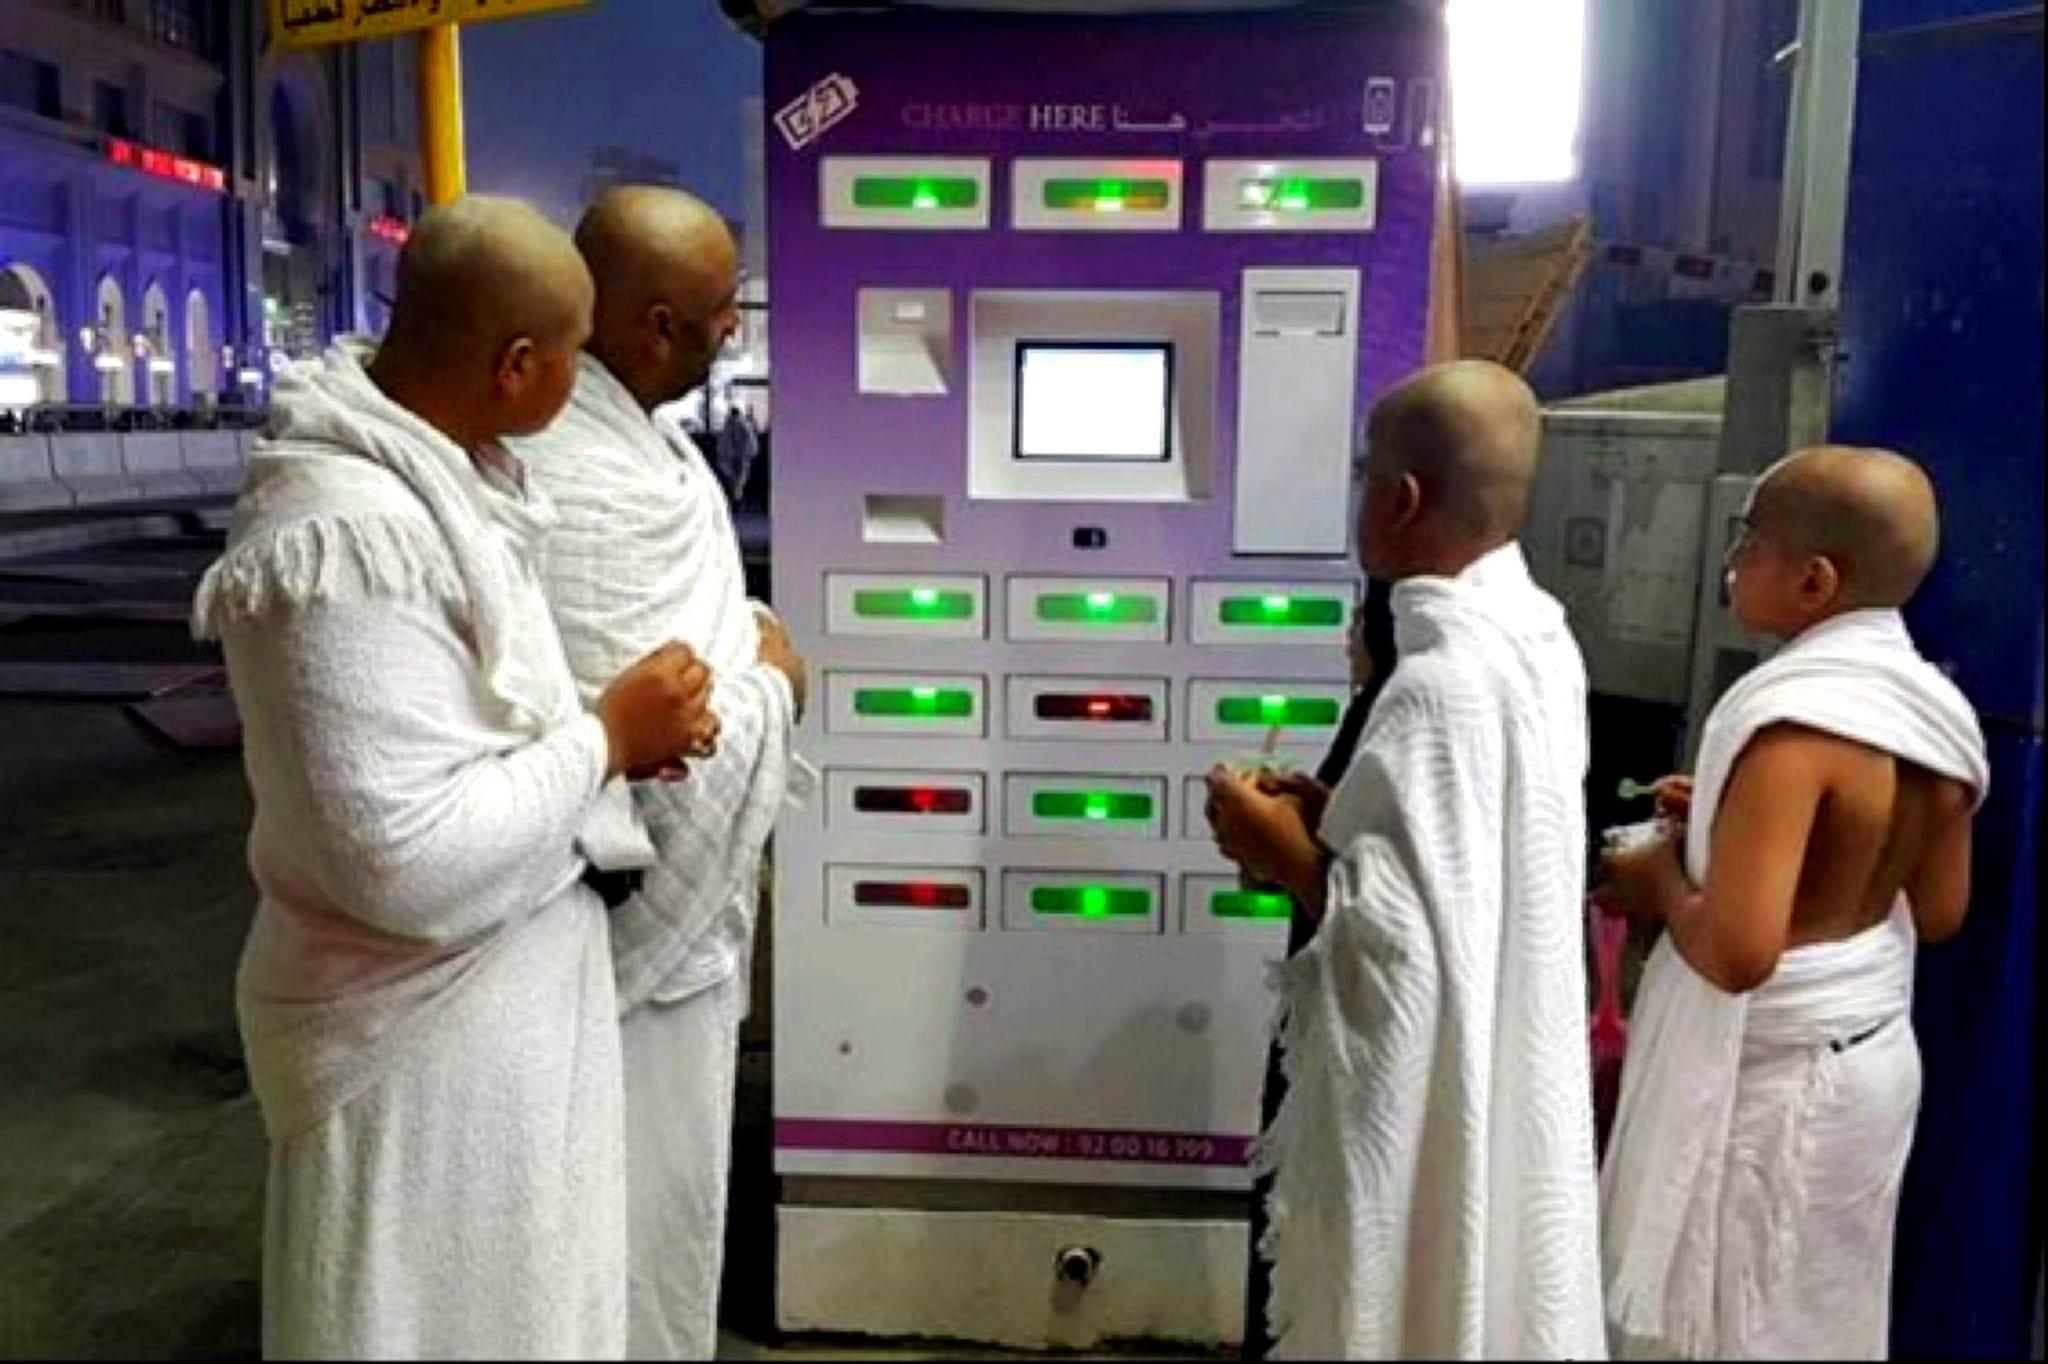 Zytronic touch sensor, Lastinski phone charging kiosks in Saudi Arabia